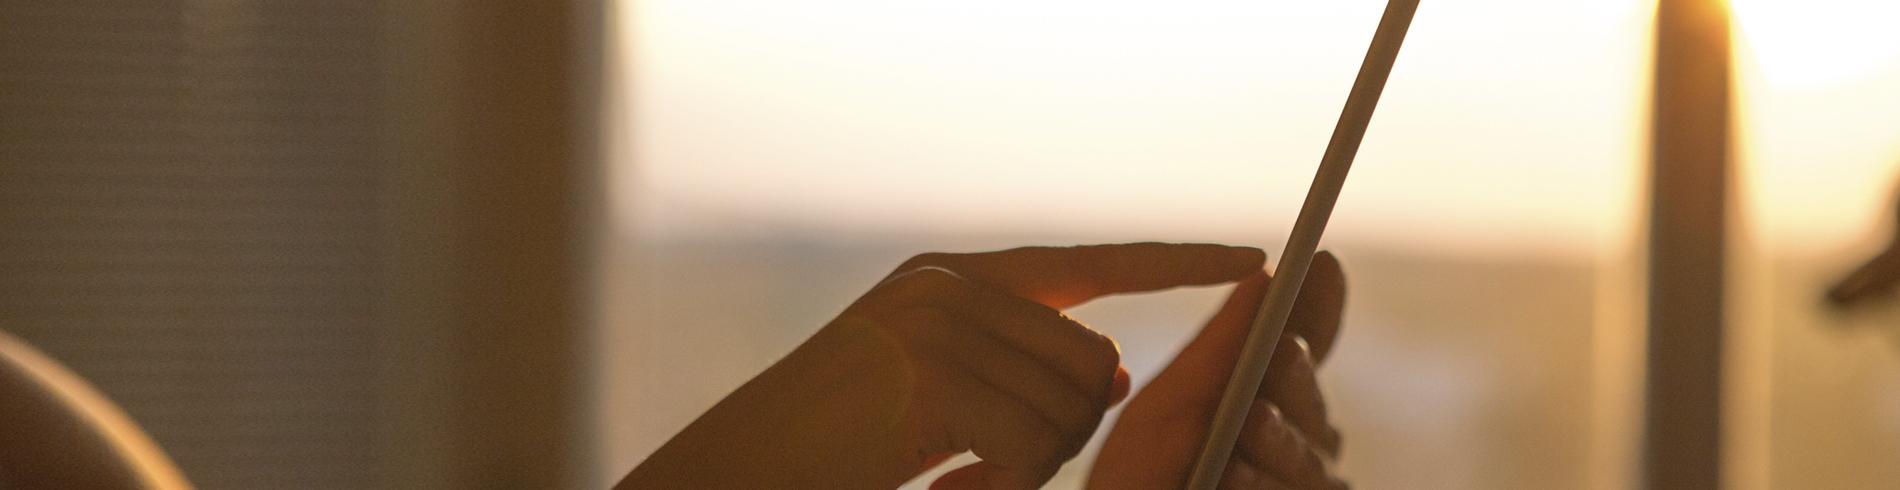 El meu llegat digital | NorteHispana Seguros